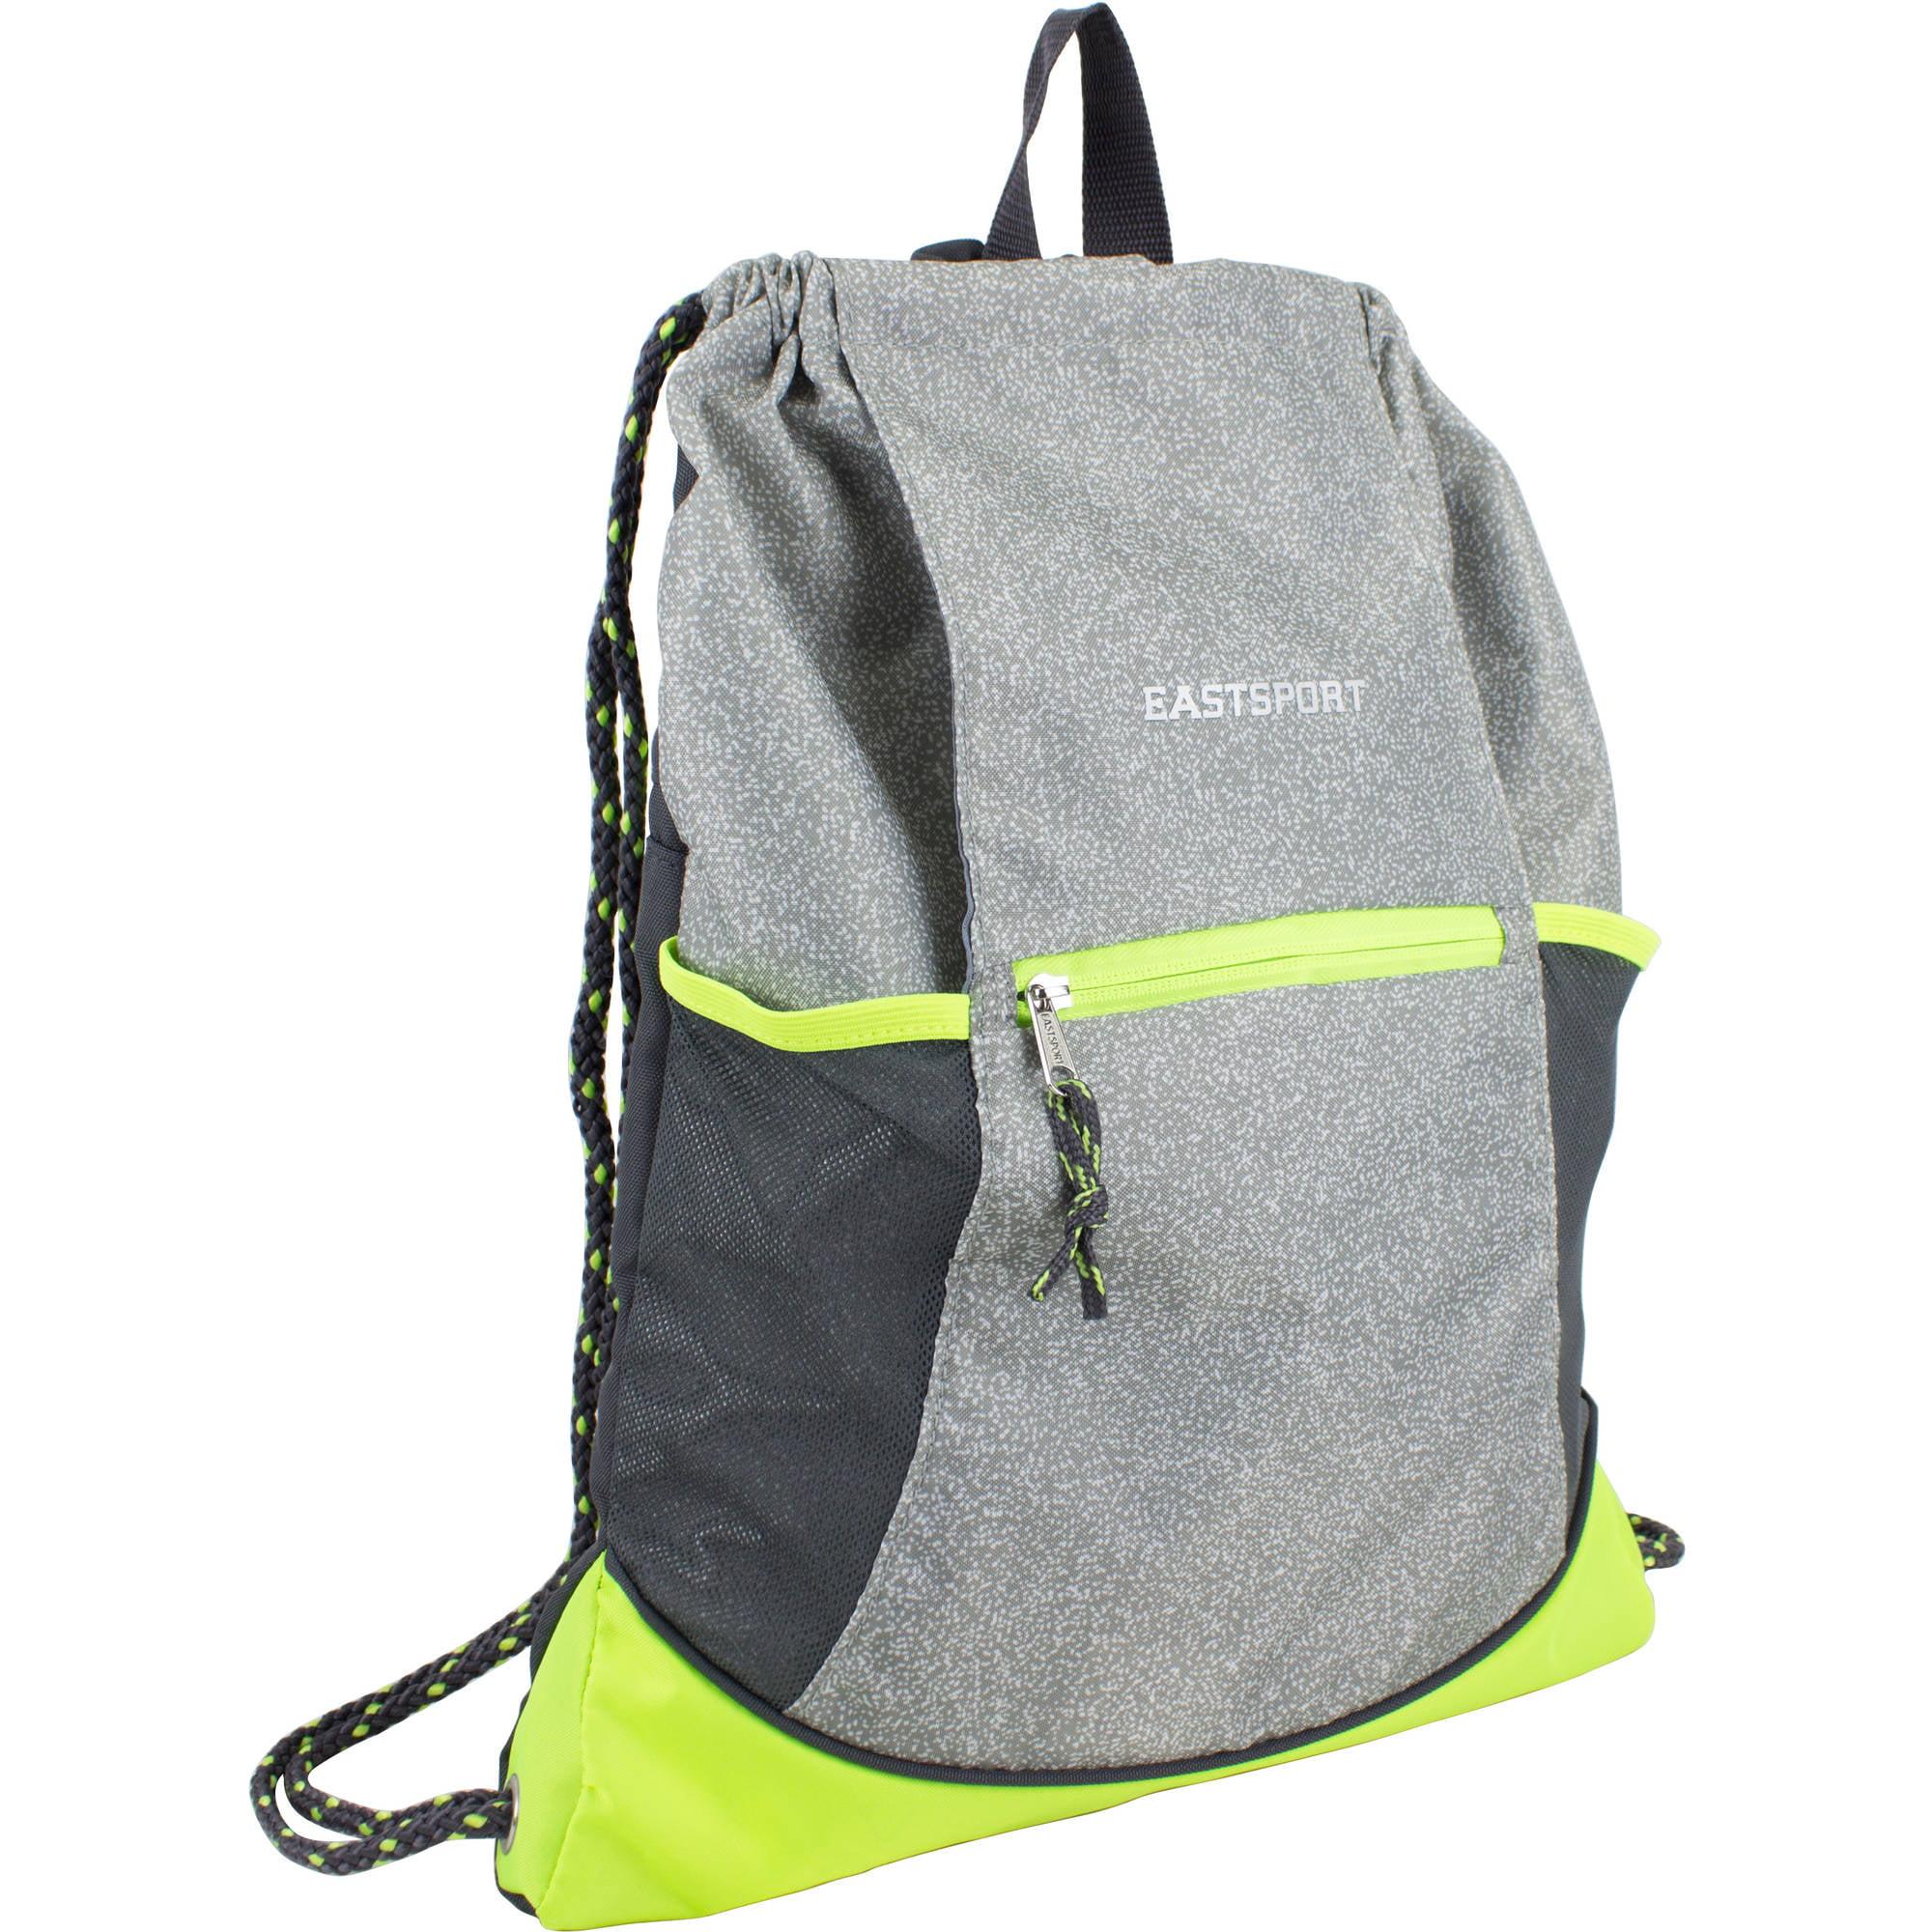 Eastsport Drawstring Cinch Sack Backpack